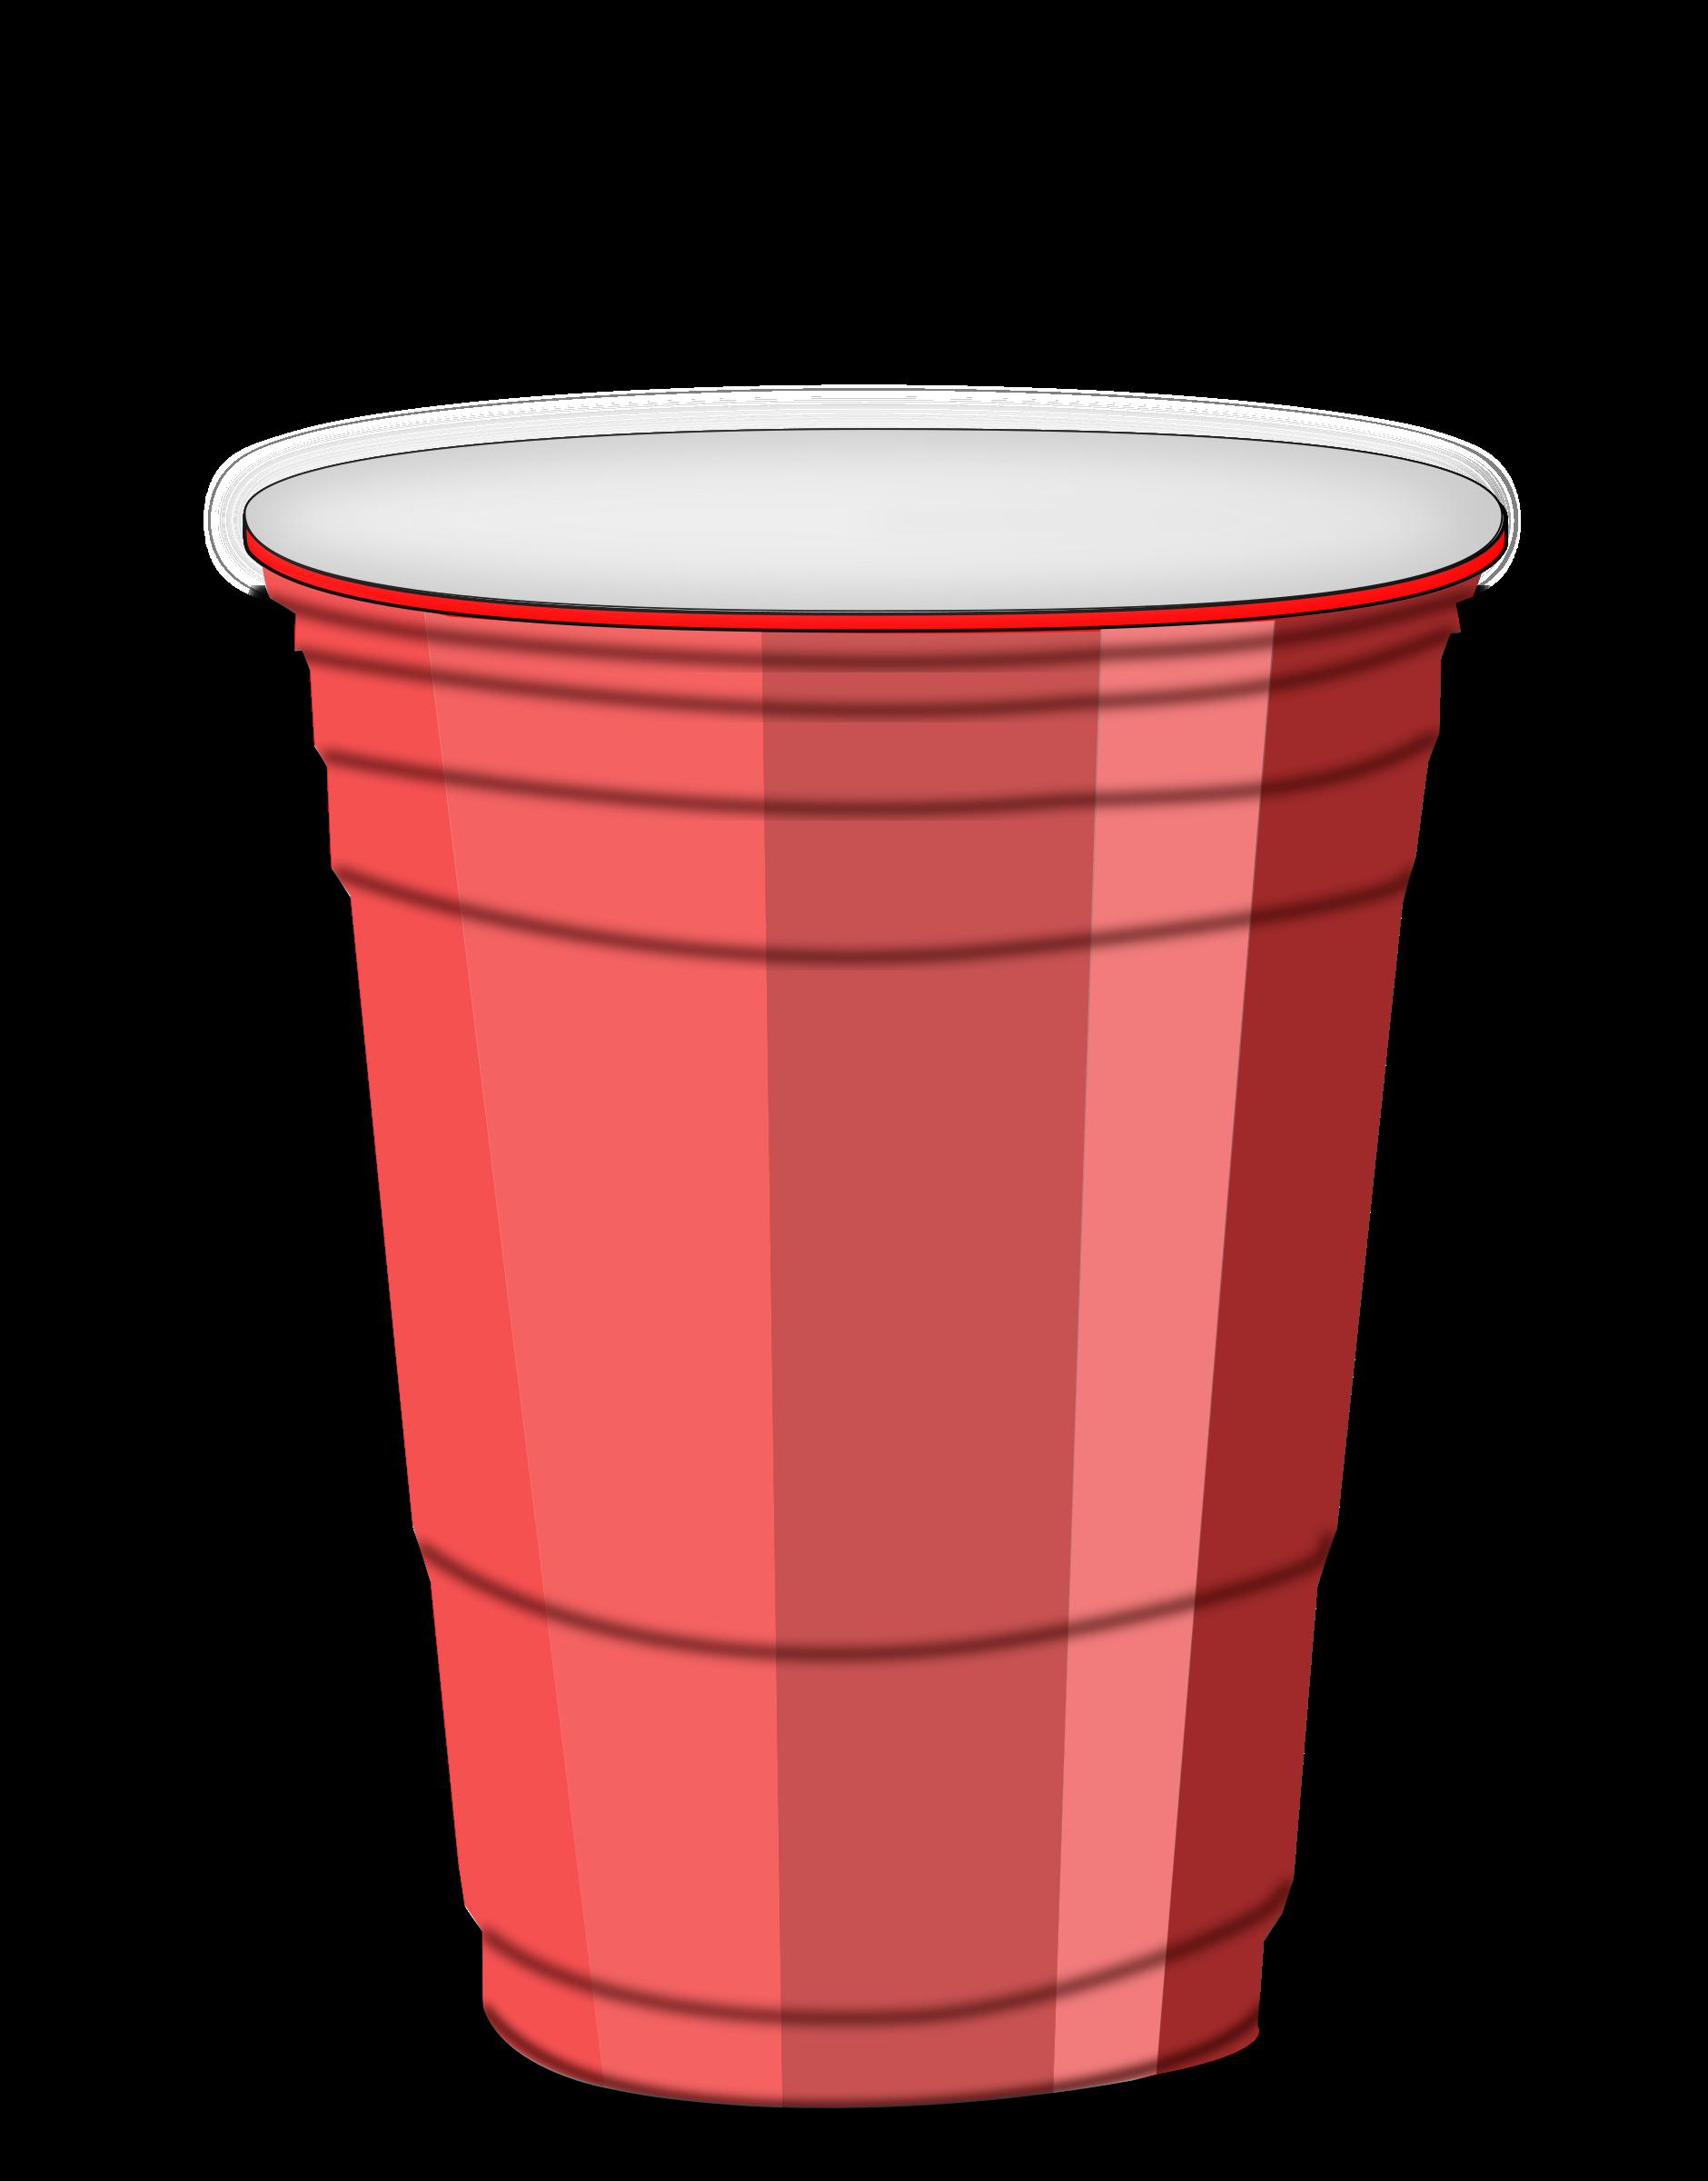 Clipart cup tumbler. Plastic big image png